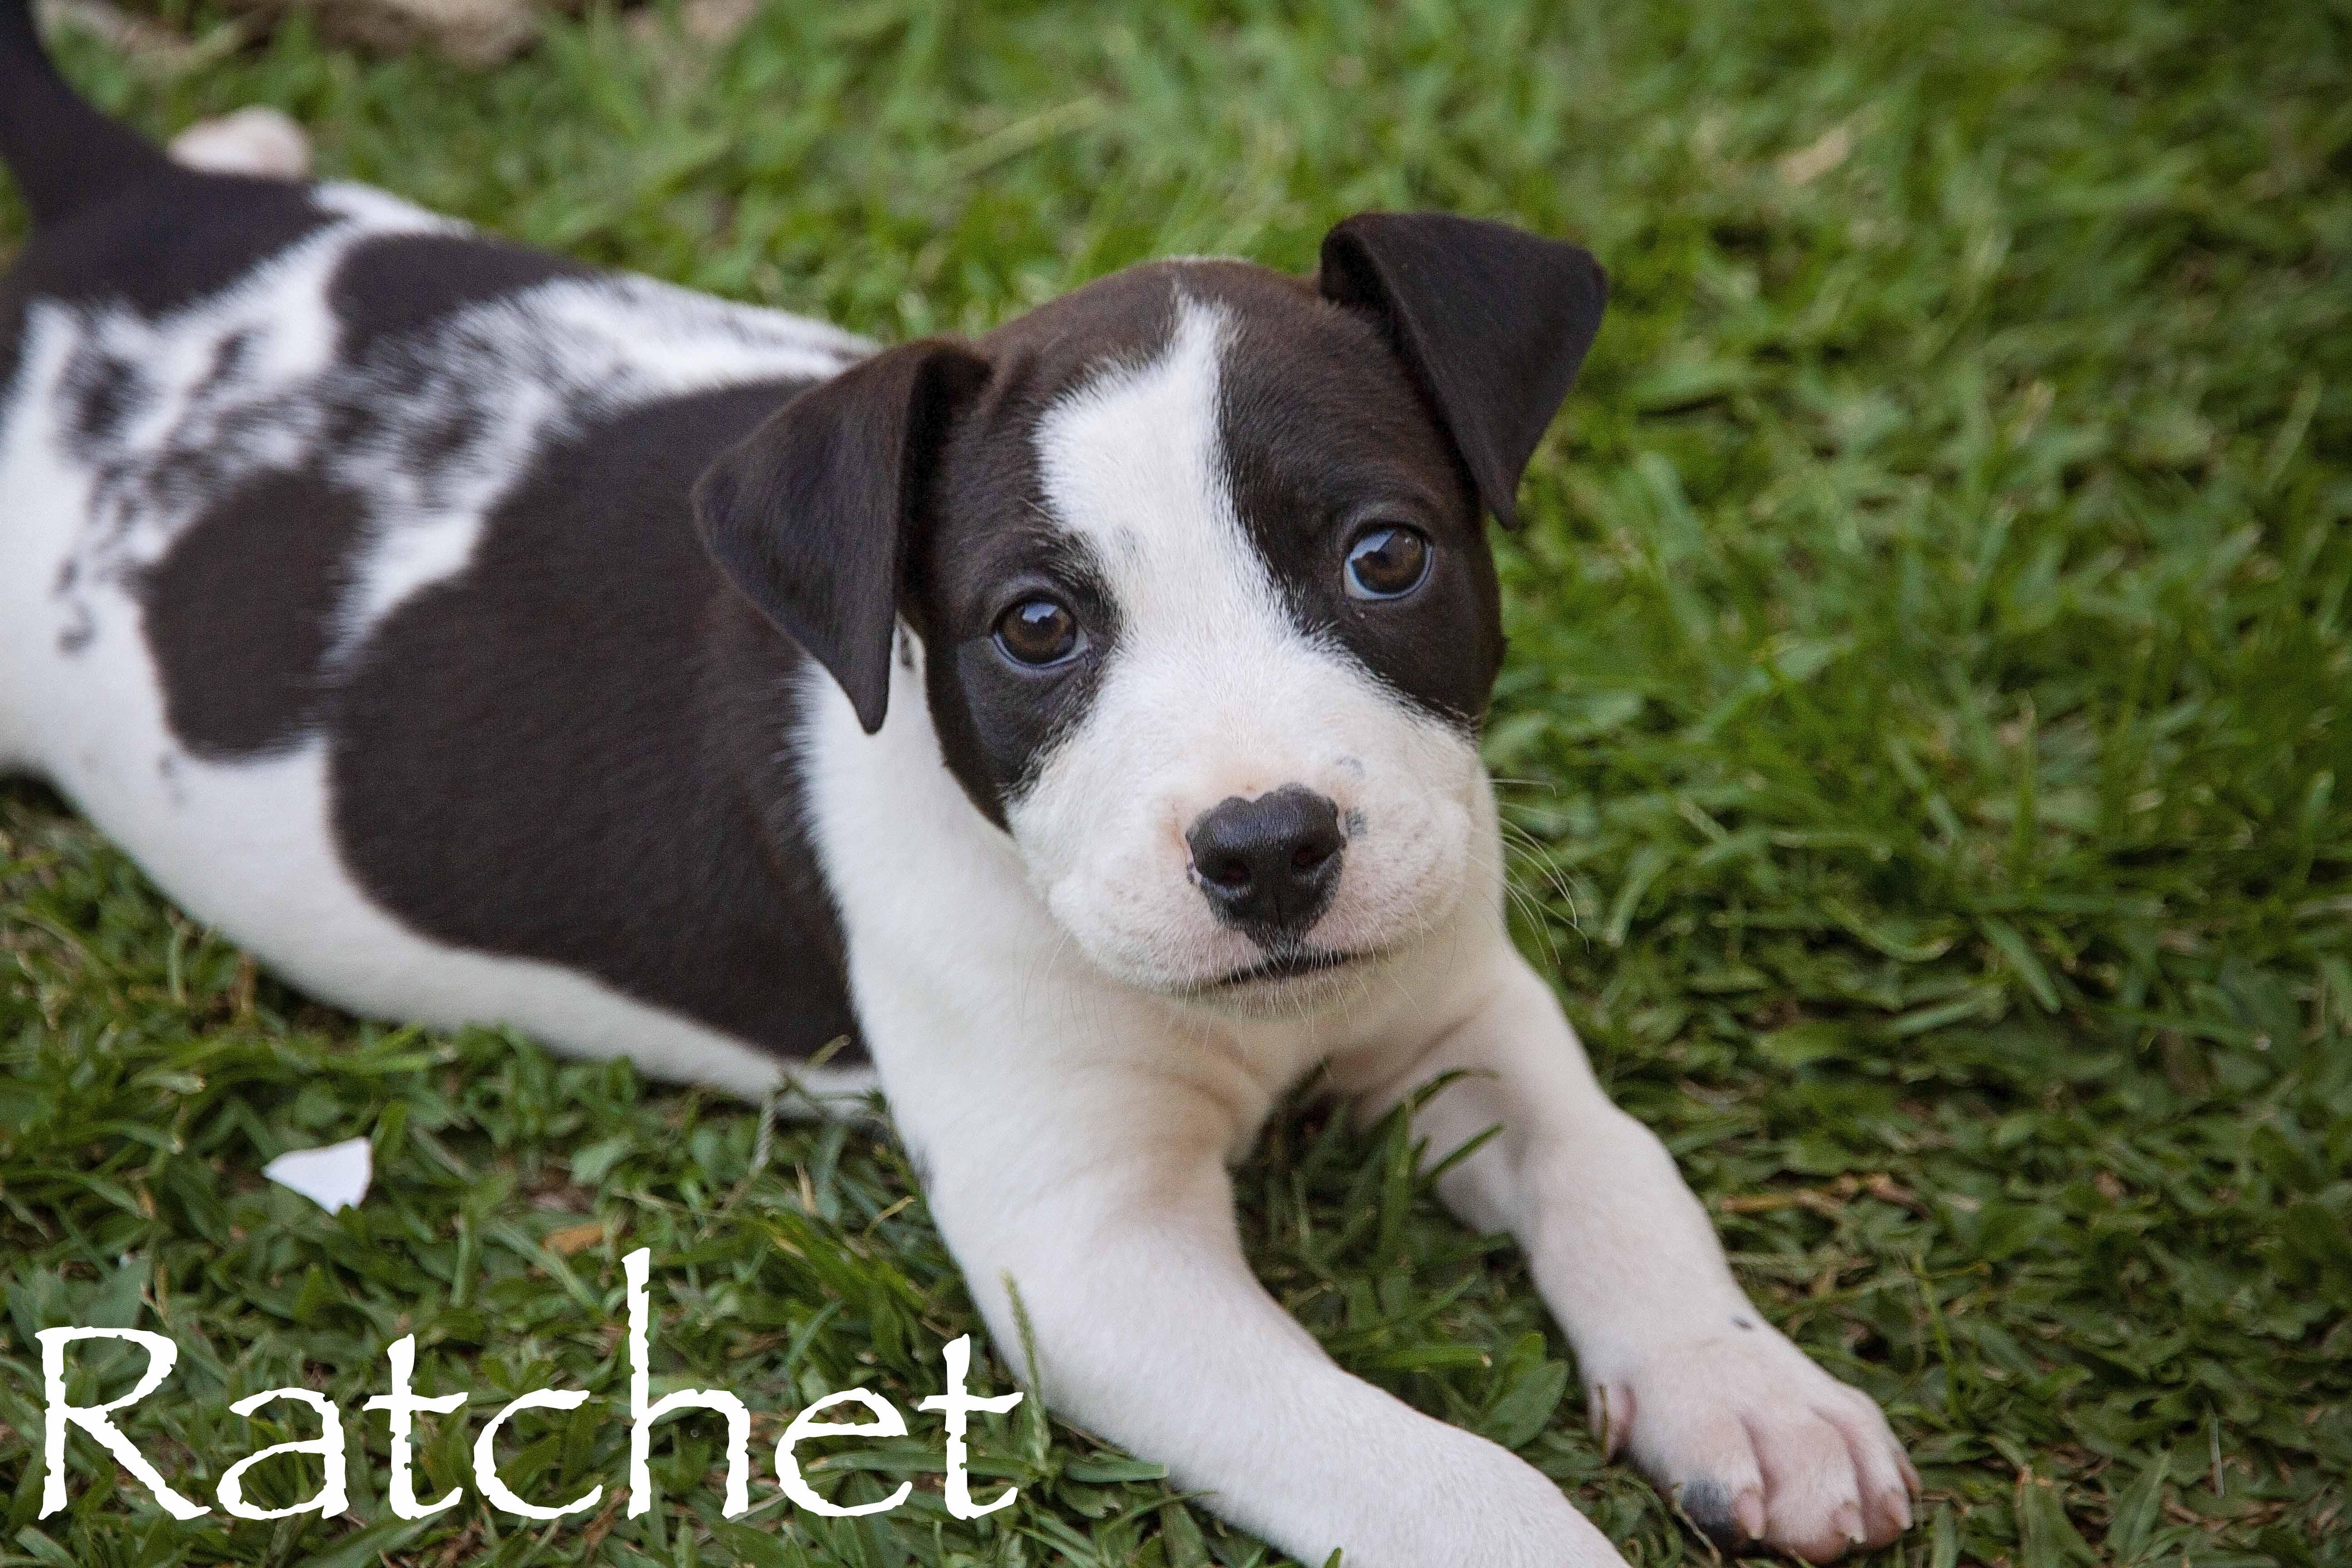 Rachett